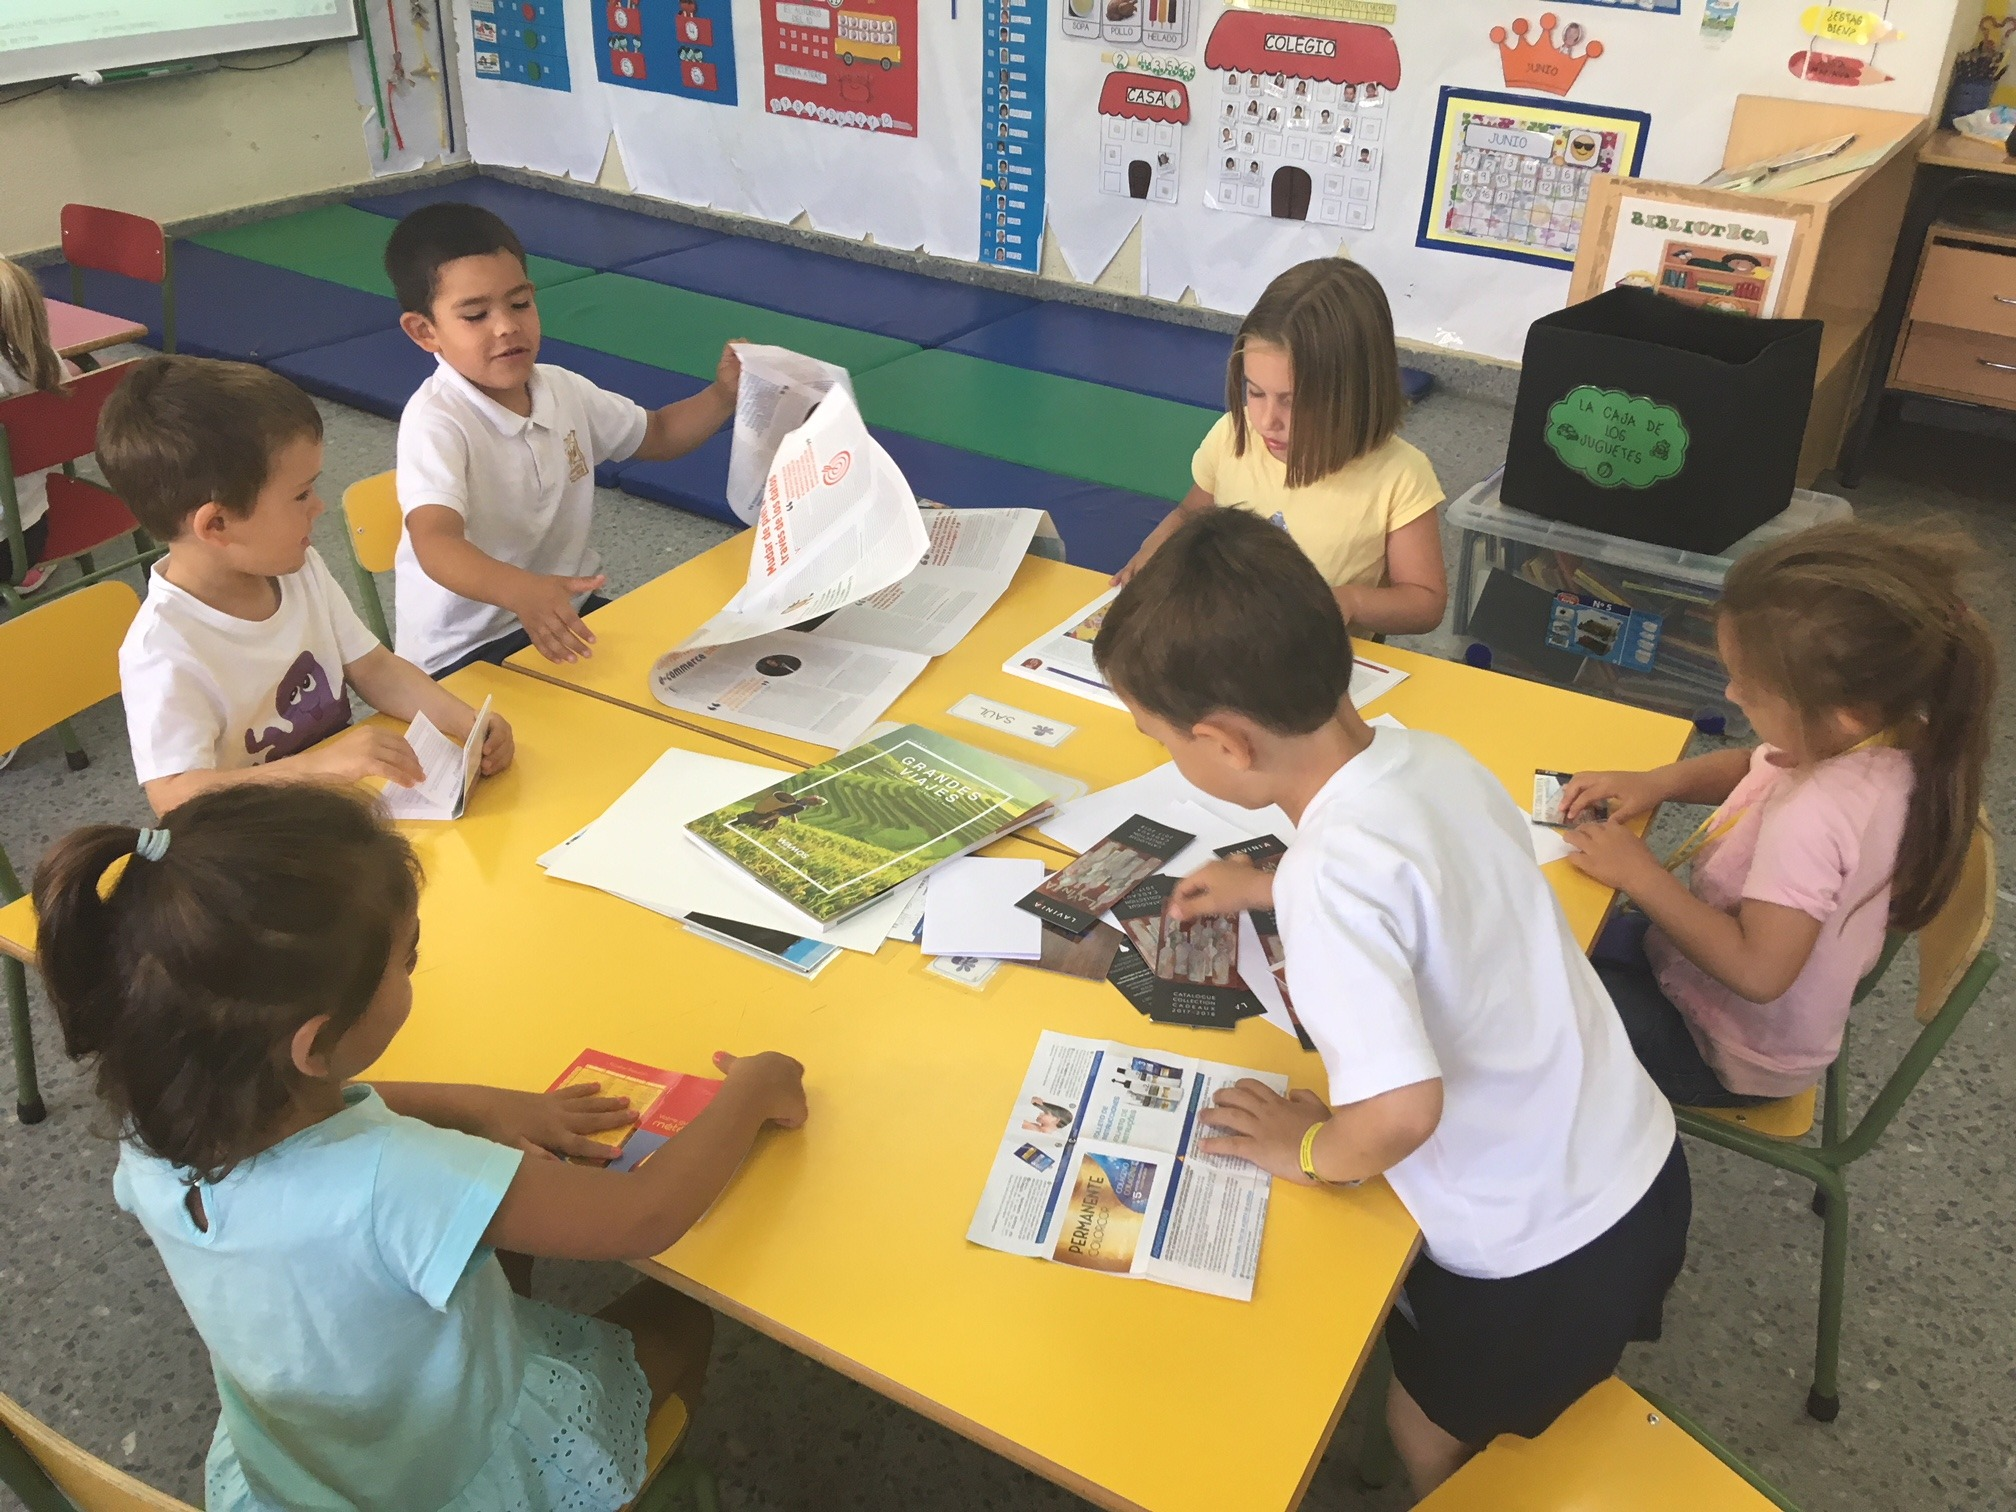 2018_06_25_Los pulpos disfrutan de un taller de libros 9